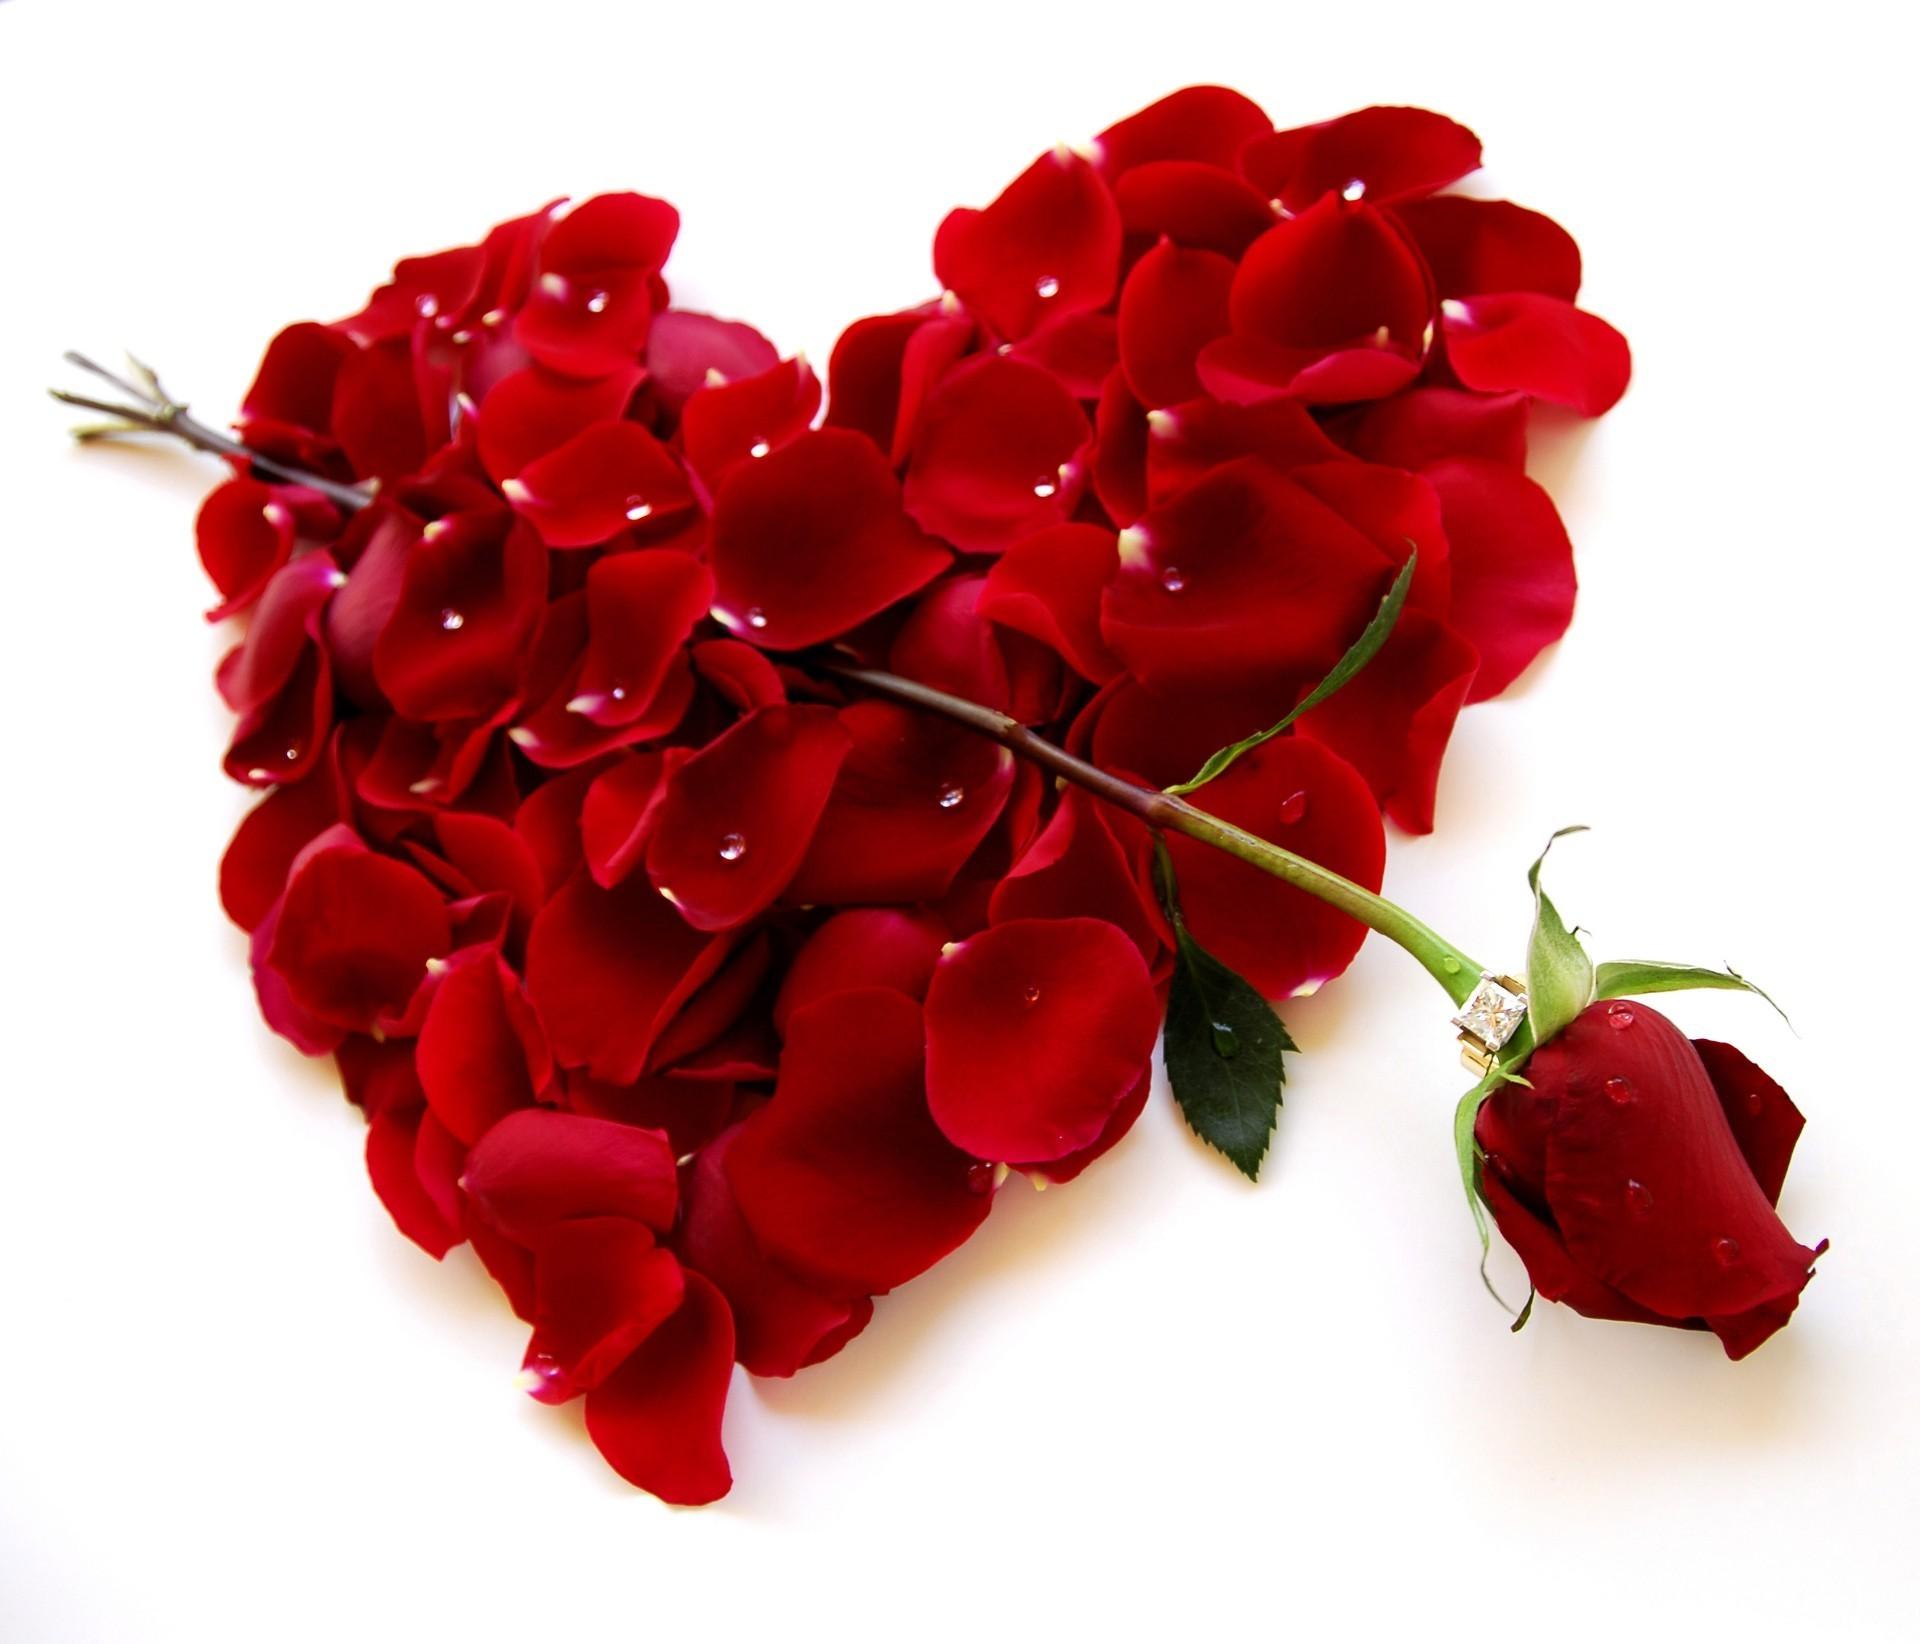 Цветы картинки для любимой девушки с надписями